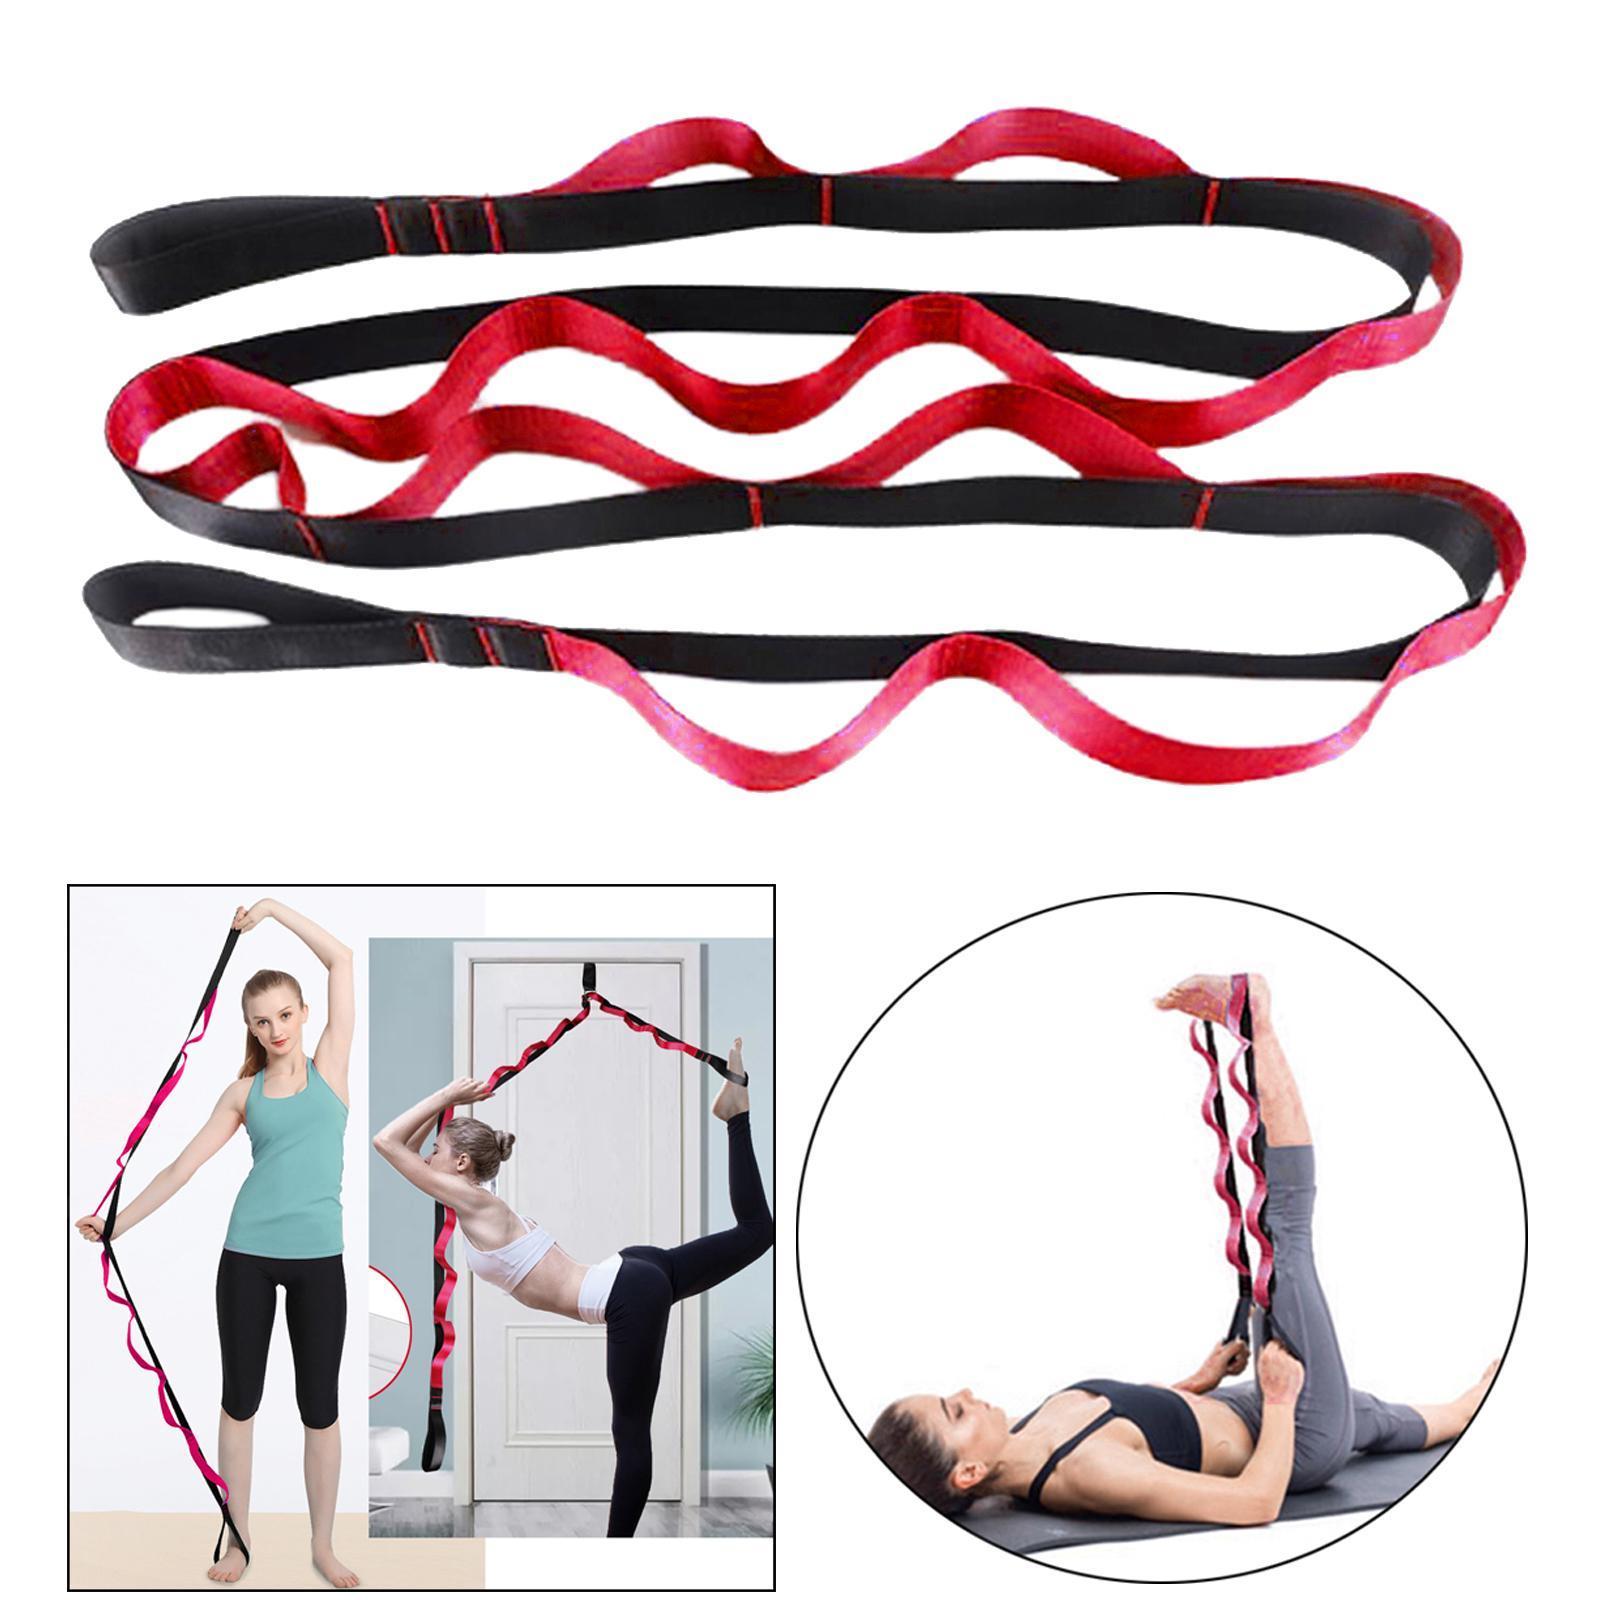 miniatura 44 - Pierna camilla yoga Stretch Strap Latin Dance Gymnastic pull cinturón flexibilidad